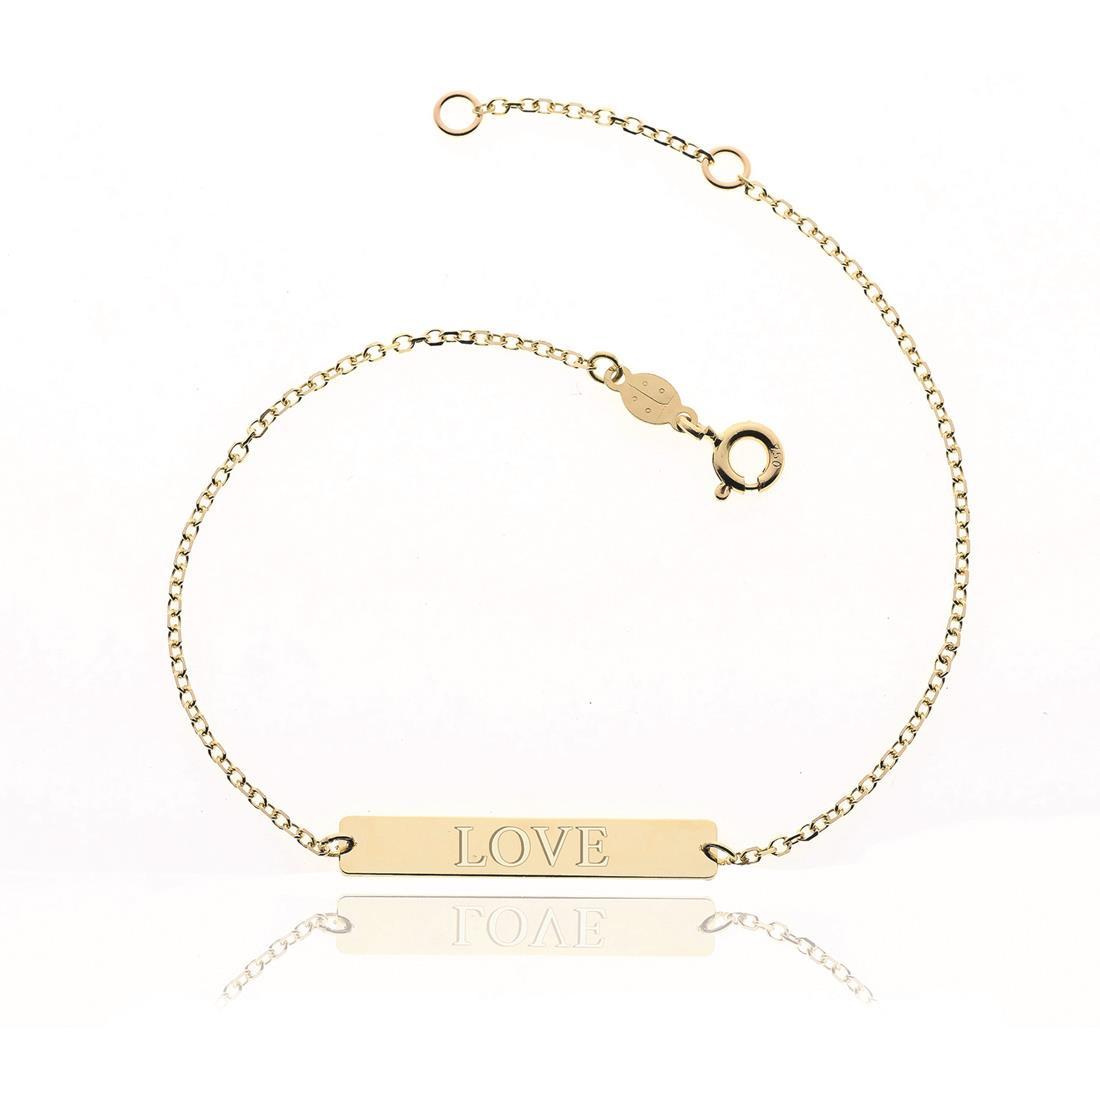 Bracciale in oro giallo con una piastrina centrale con scritta Love - ELLA